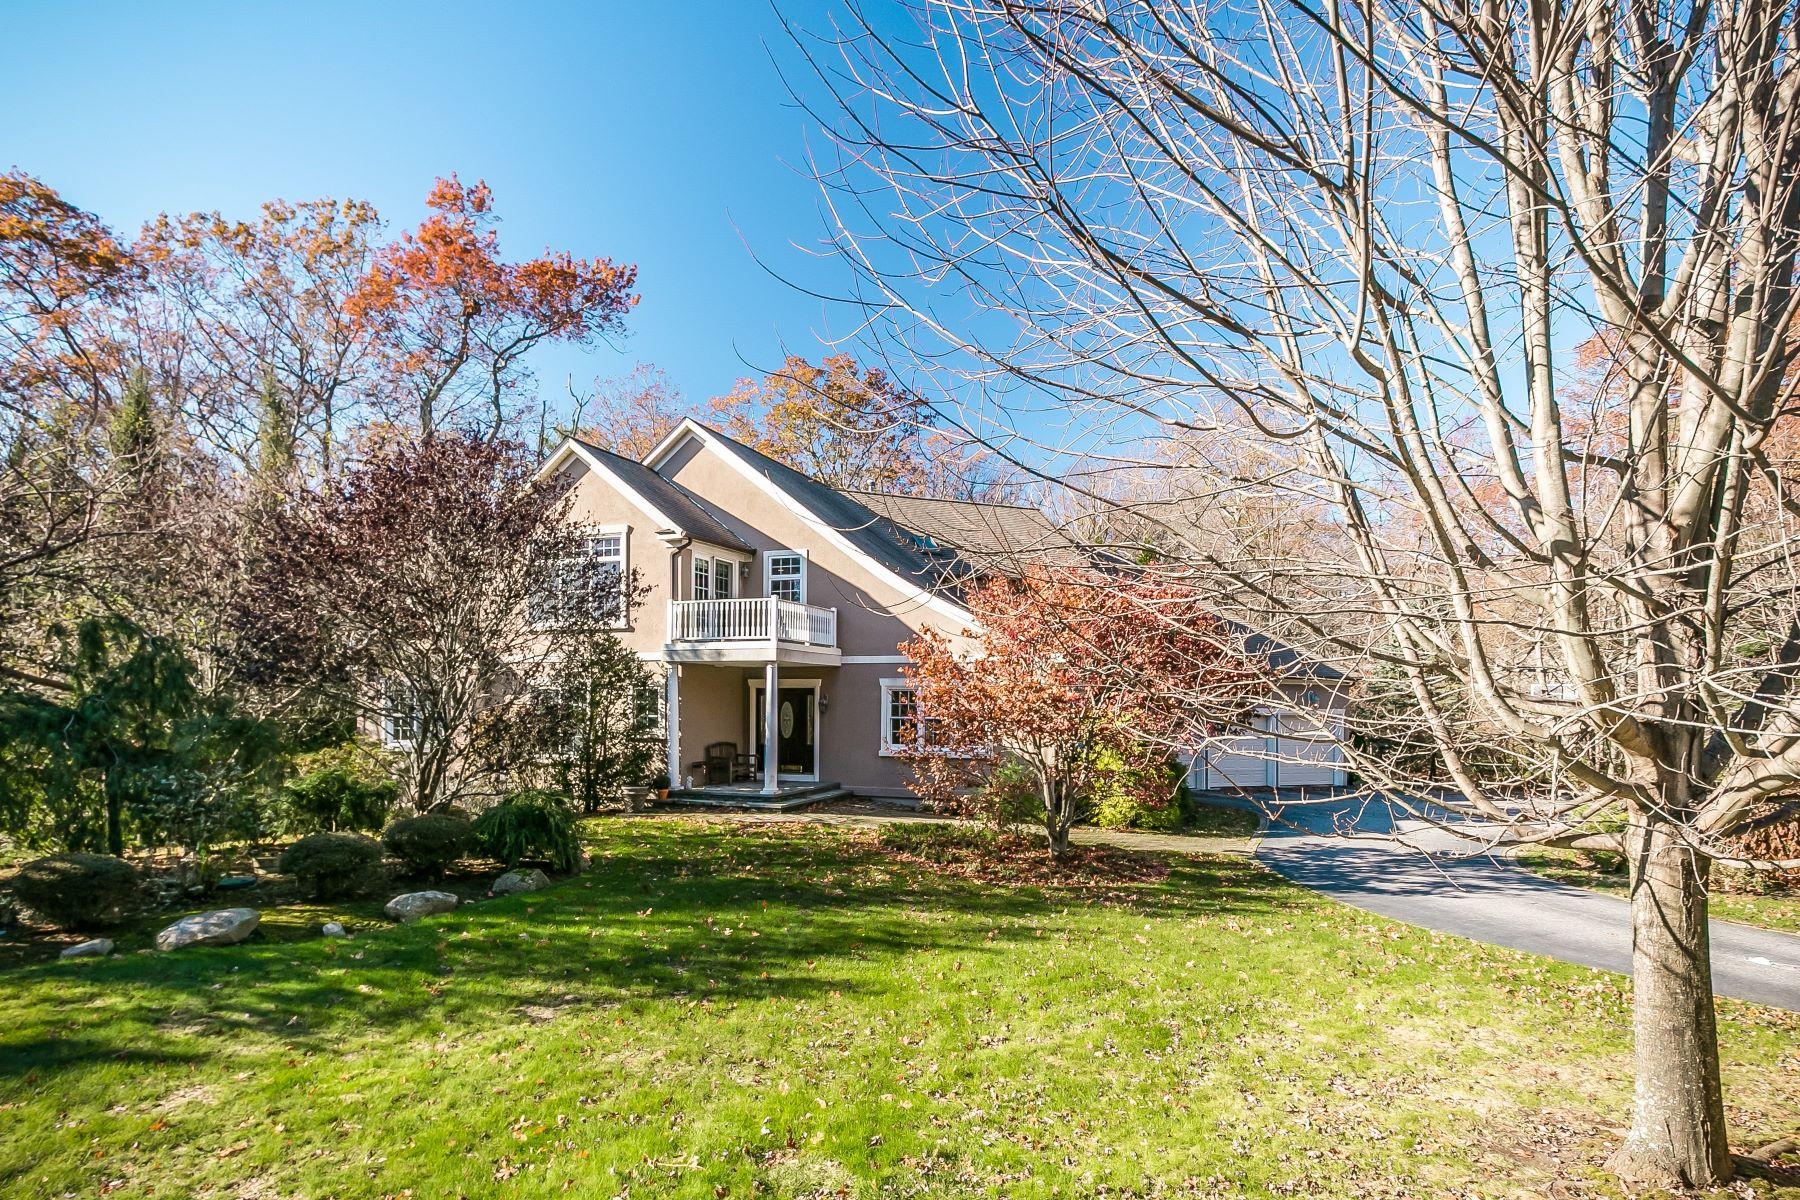 Частный односемейный дом для того Продажа на 121 Crest Dr, Cranston, RI Cranston, Род-Айленд, 02921 Соединенные Штаты